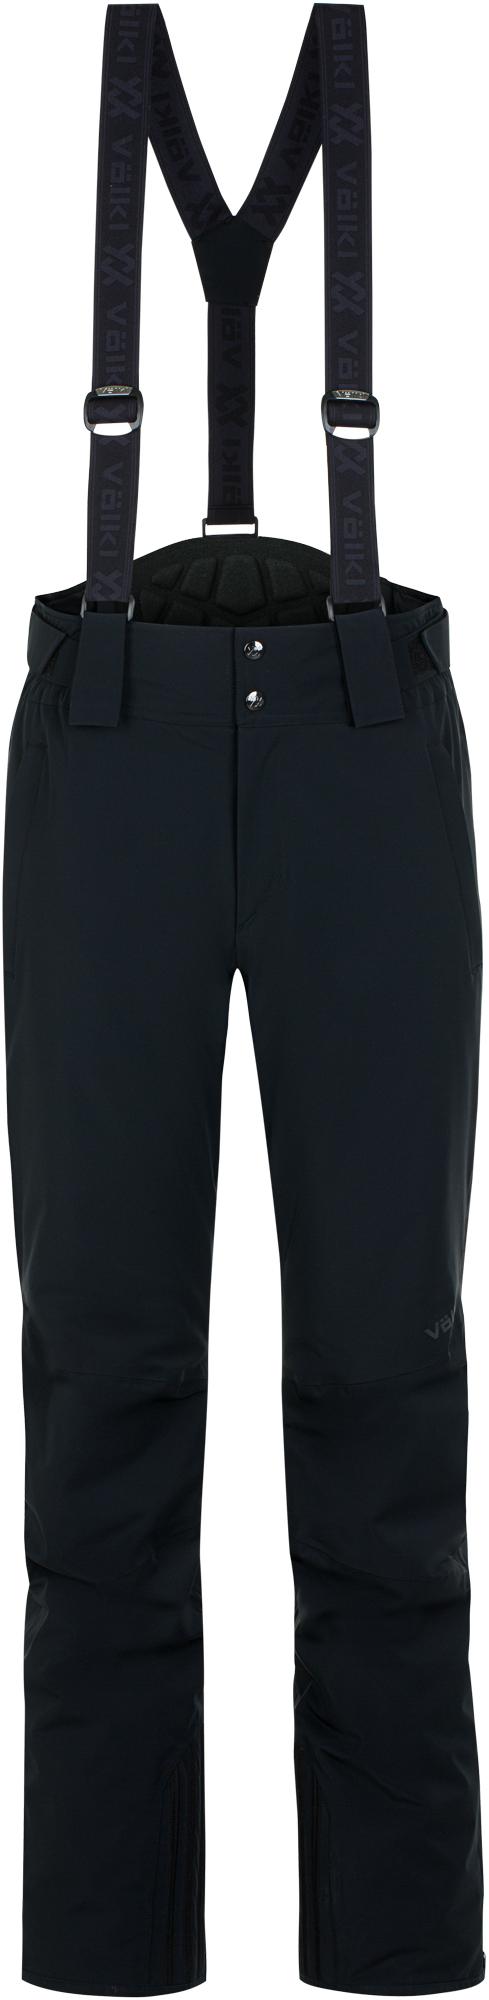 Volkl Брюки утепленные мужские Volkl, размер 56 брюки мужские oodji цвет темно синий 2b200024m 47530n 7900n размер 48 56 182